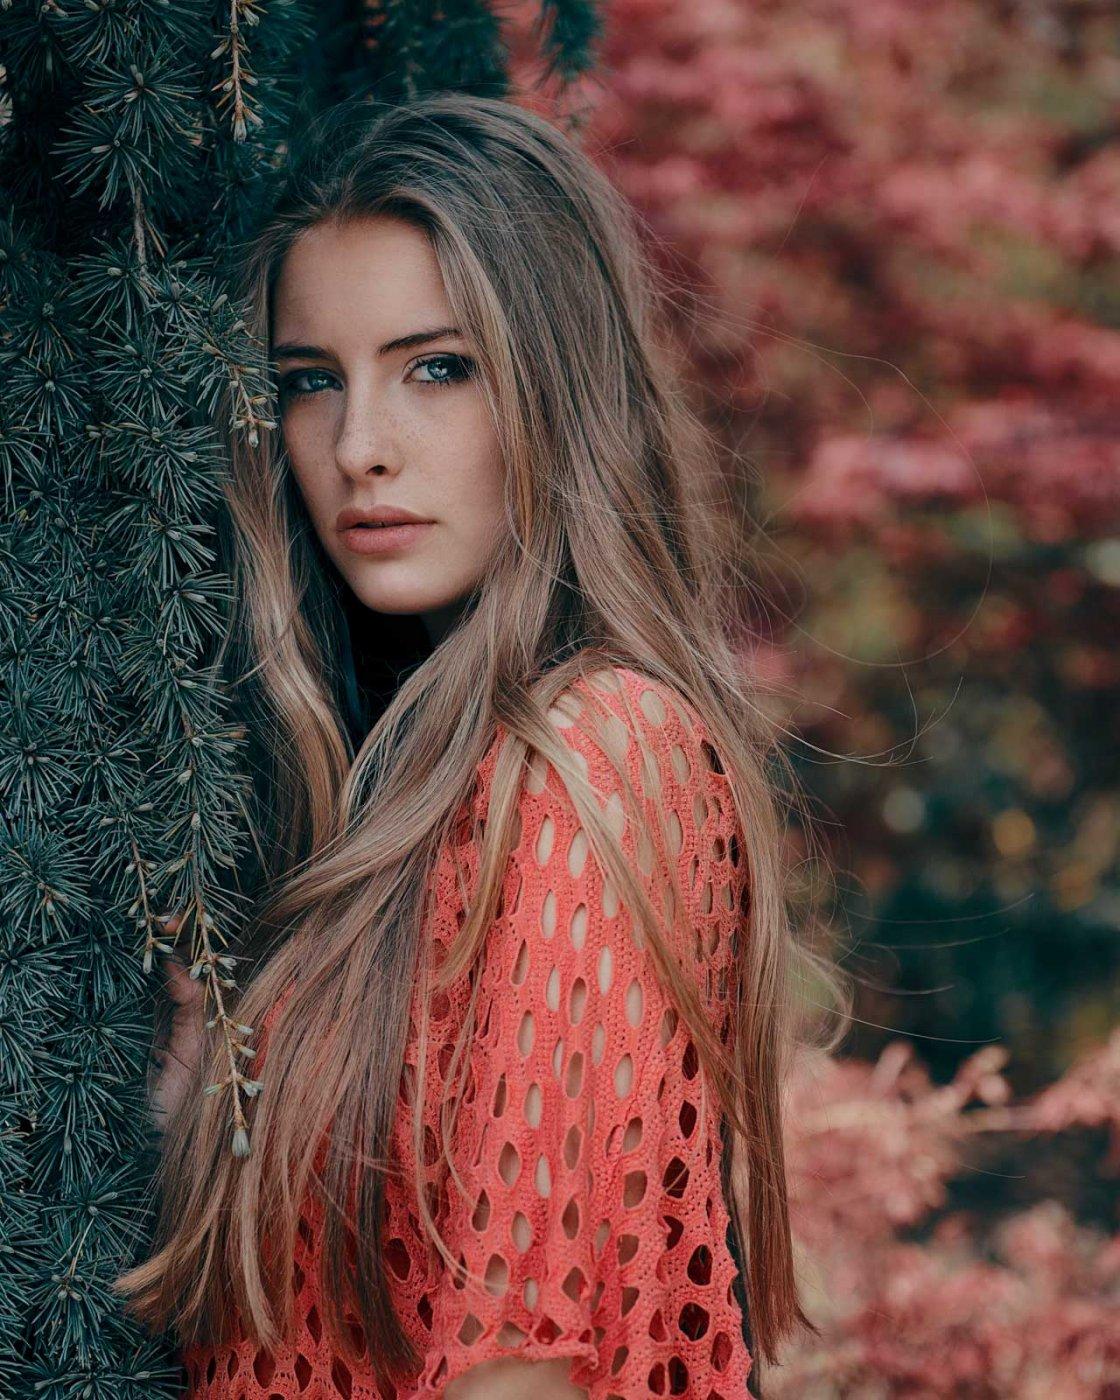 Portrait Photography By Anastasia Vervueren From Camille Rochette Pairi Daiza